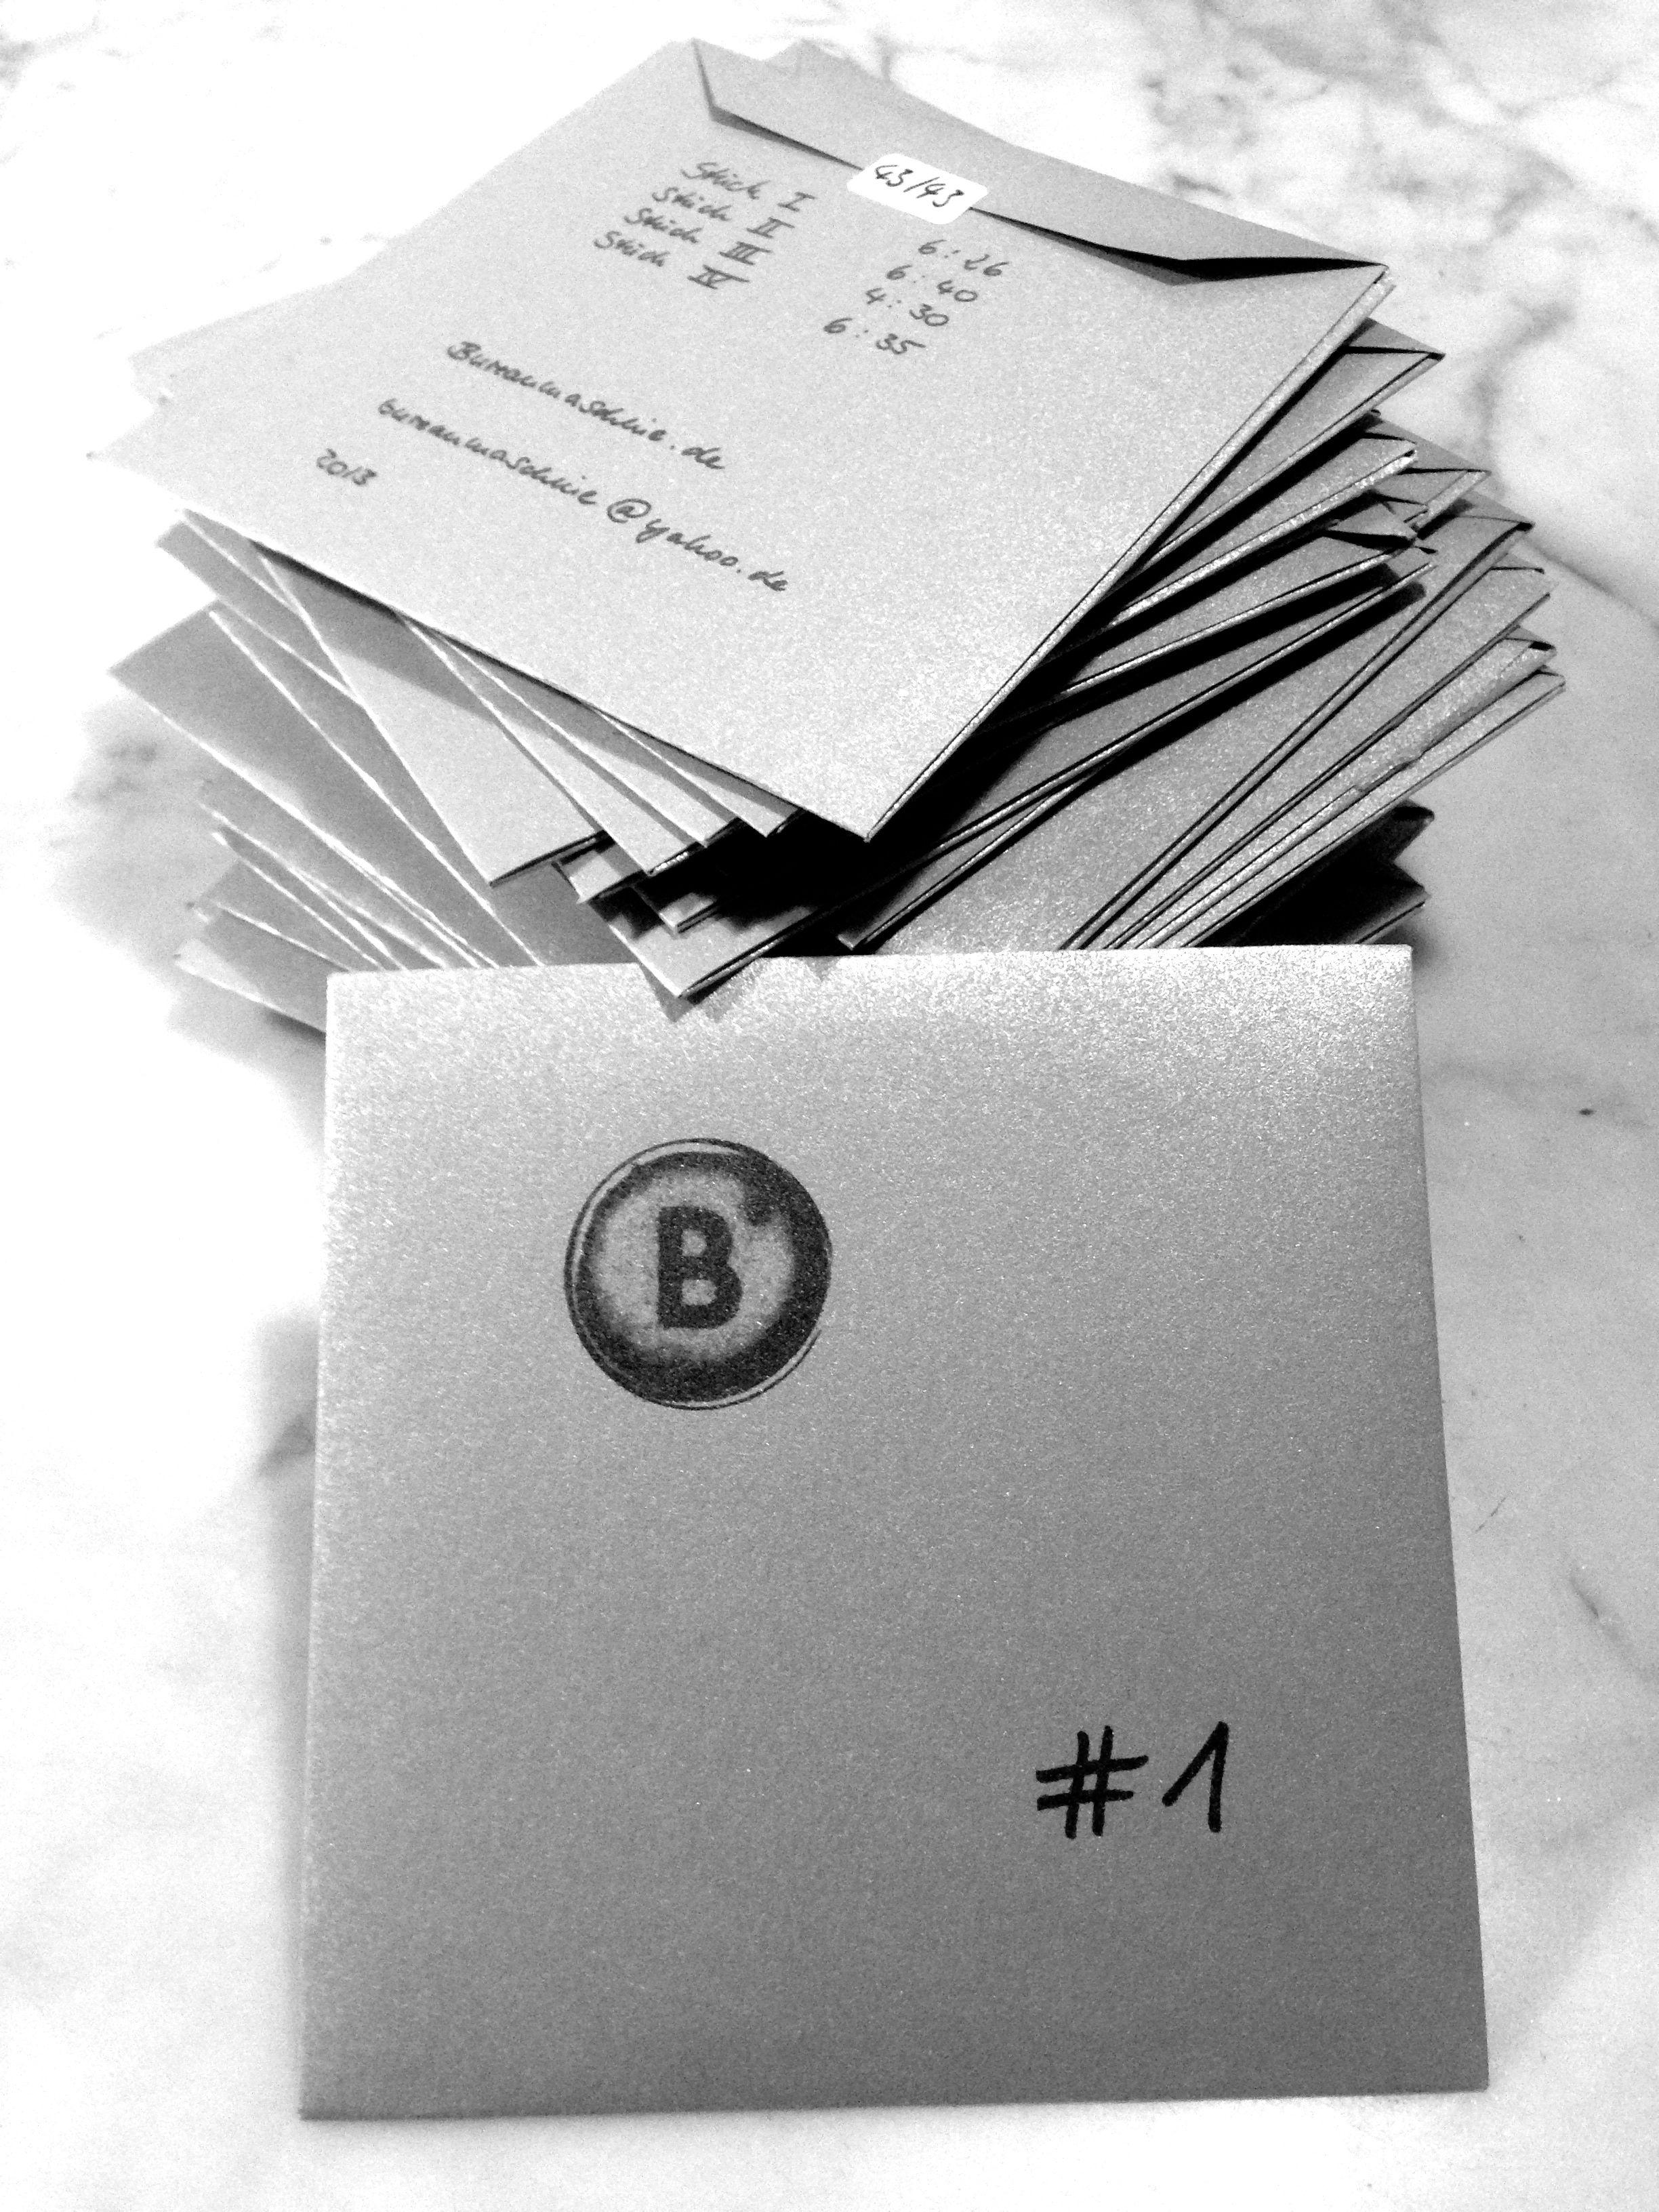 Release: Bureaumaschine - #1 (2013)